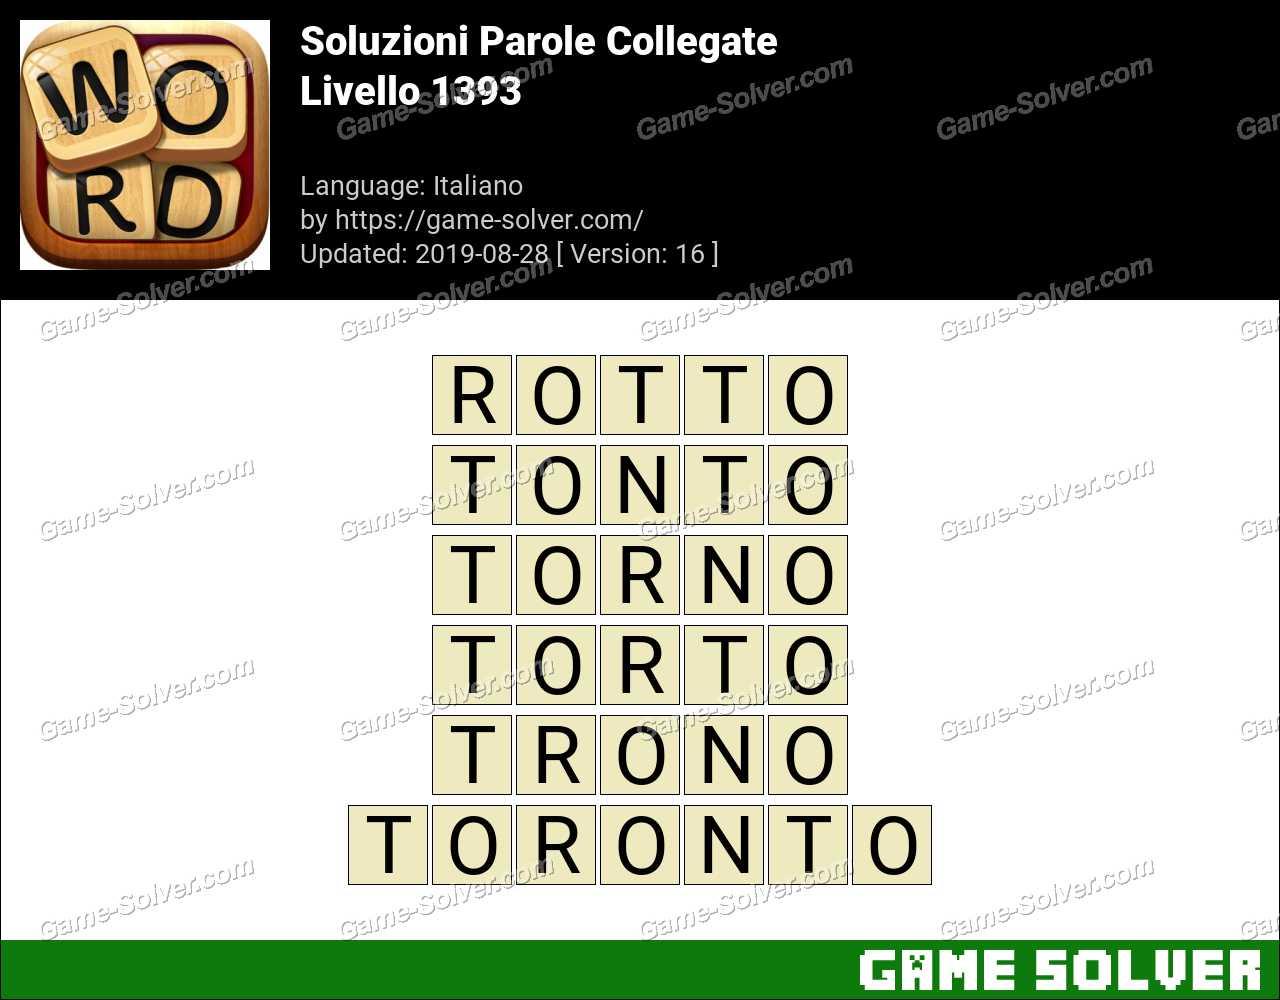 Soluzioni Parole Collegate Livello 1393